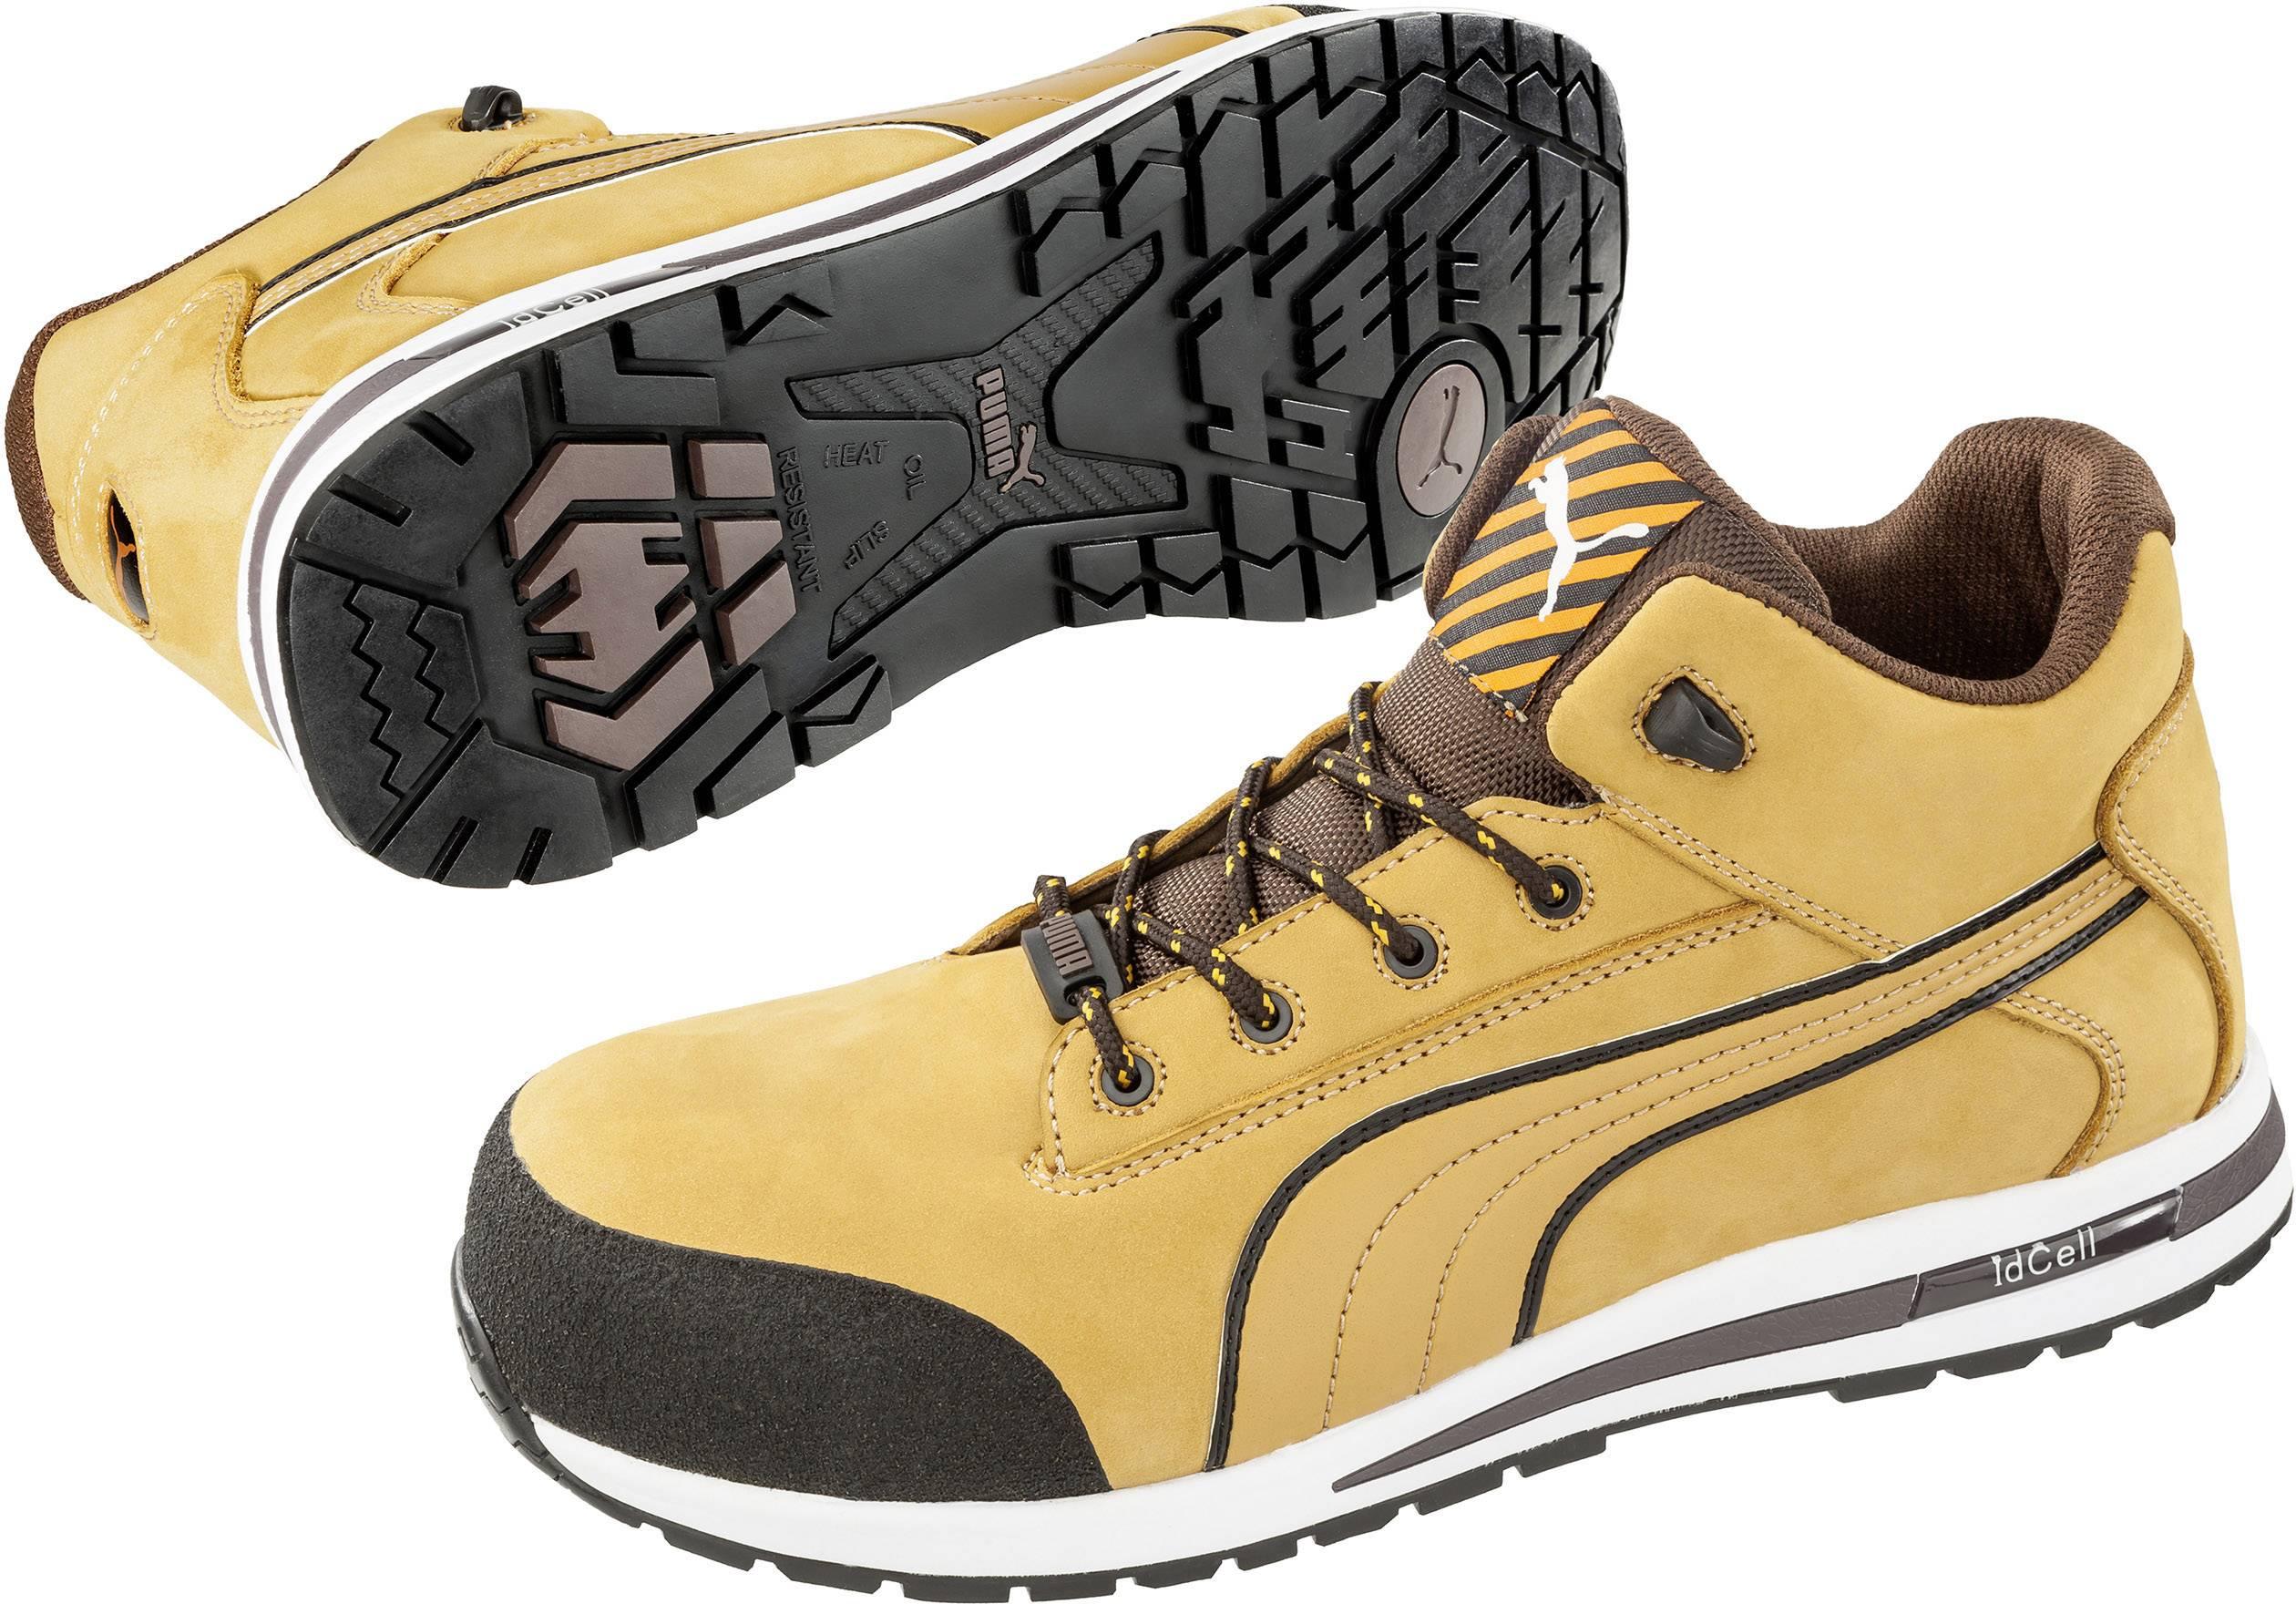 PUMA Safety Dash Wheat Mid HRO SRC 633180 42 Chaussures montantes de sécurité S3 Taille: 42 beige, marron 1 paire